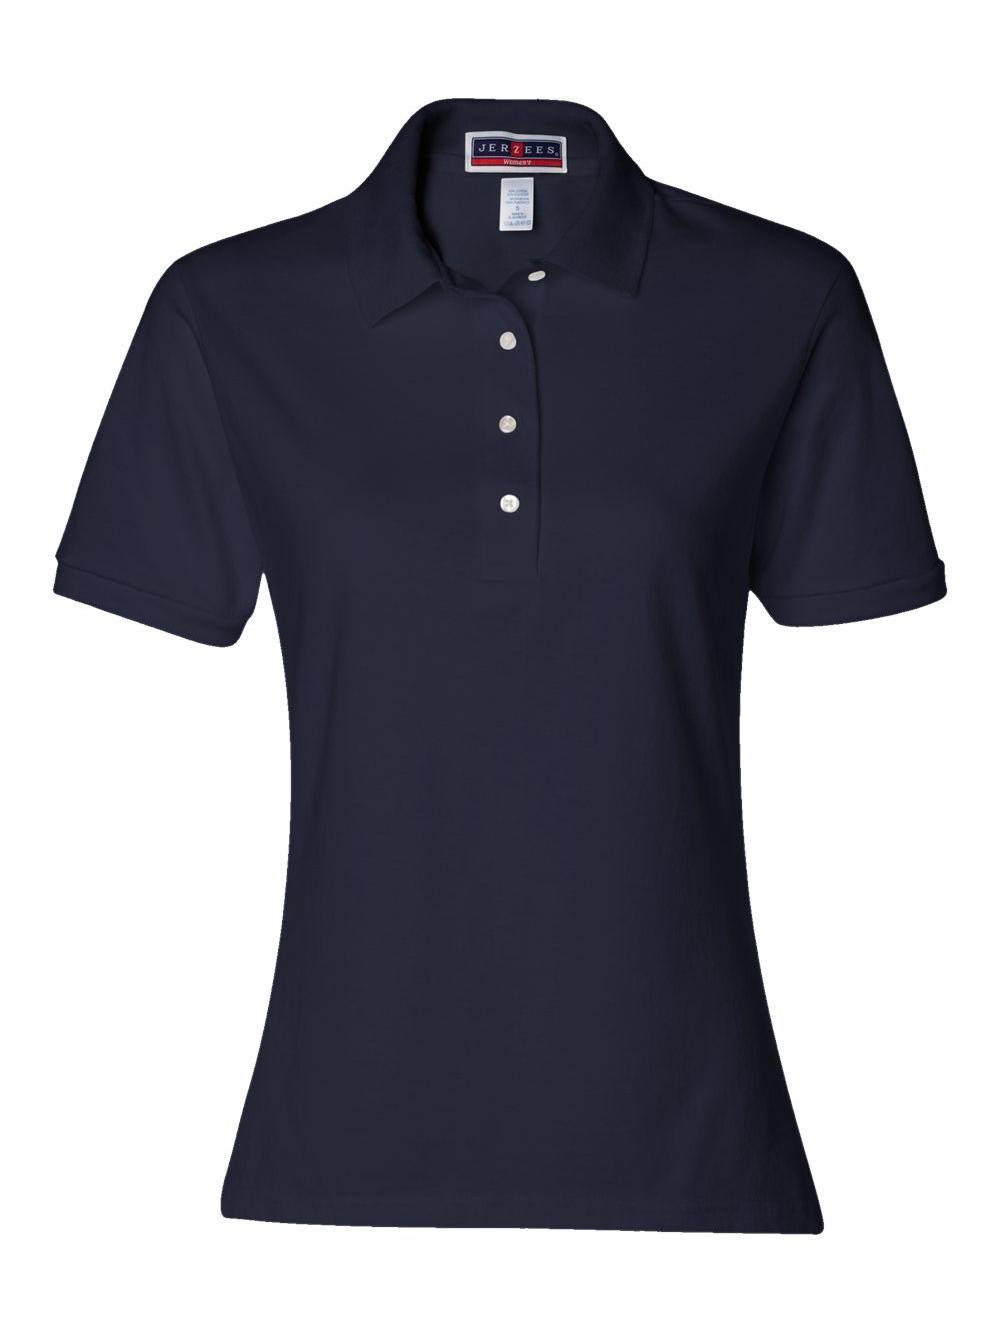 Jerzees-Women-039-s-Spotshield-50-50-Sport-Shirt-437WR thumbnail 15